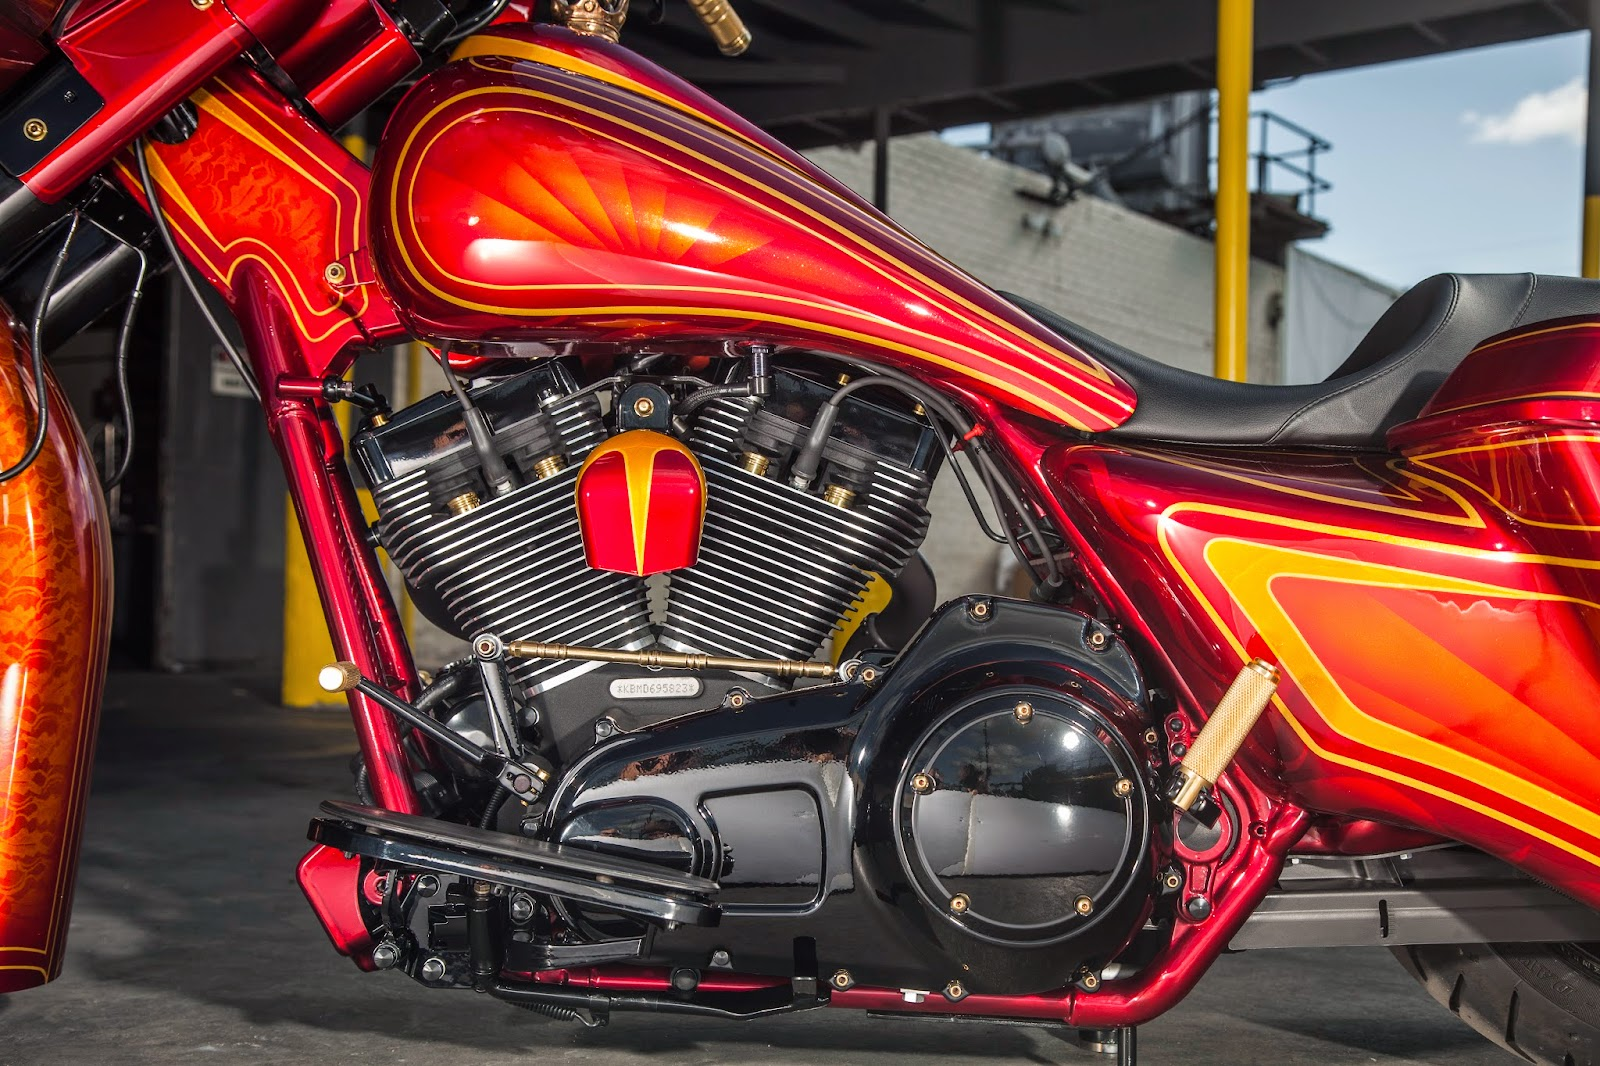 Brock Chobar Arizona Baddest Bagger Harley Davidson Street Glide